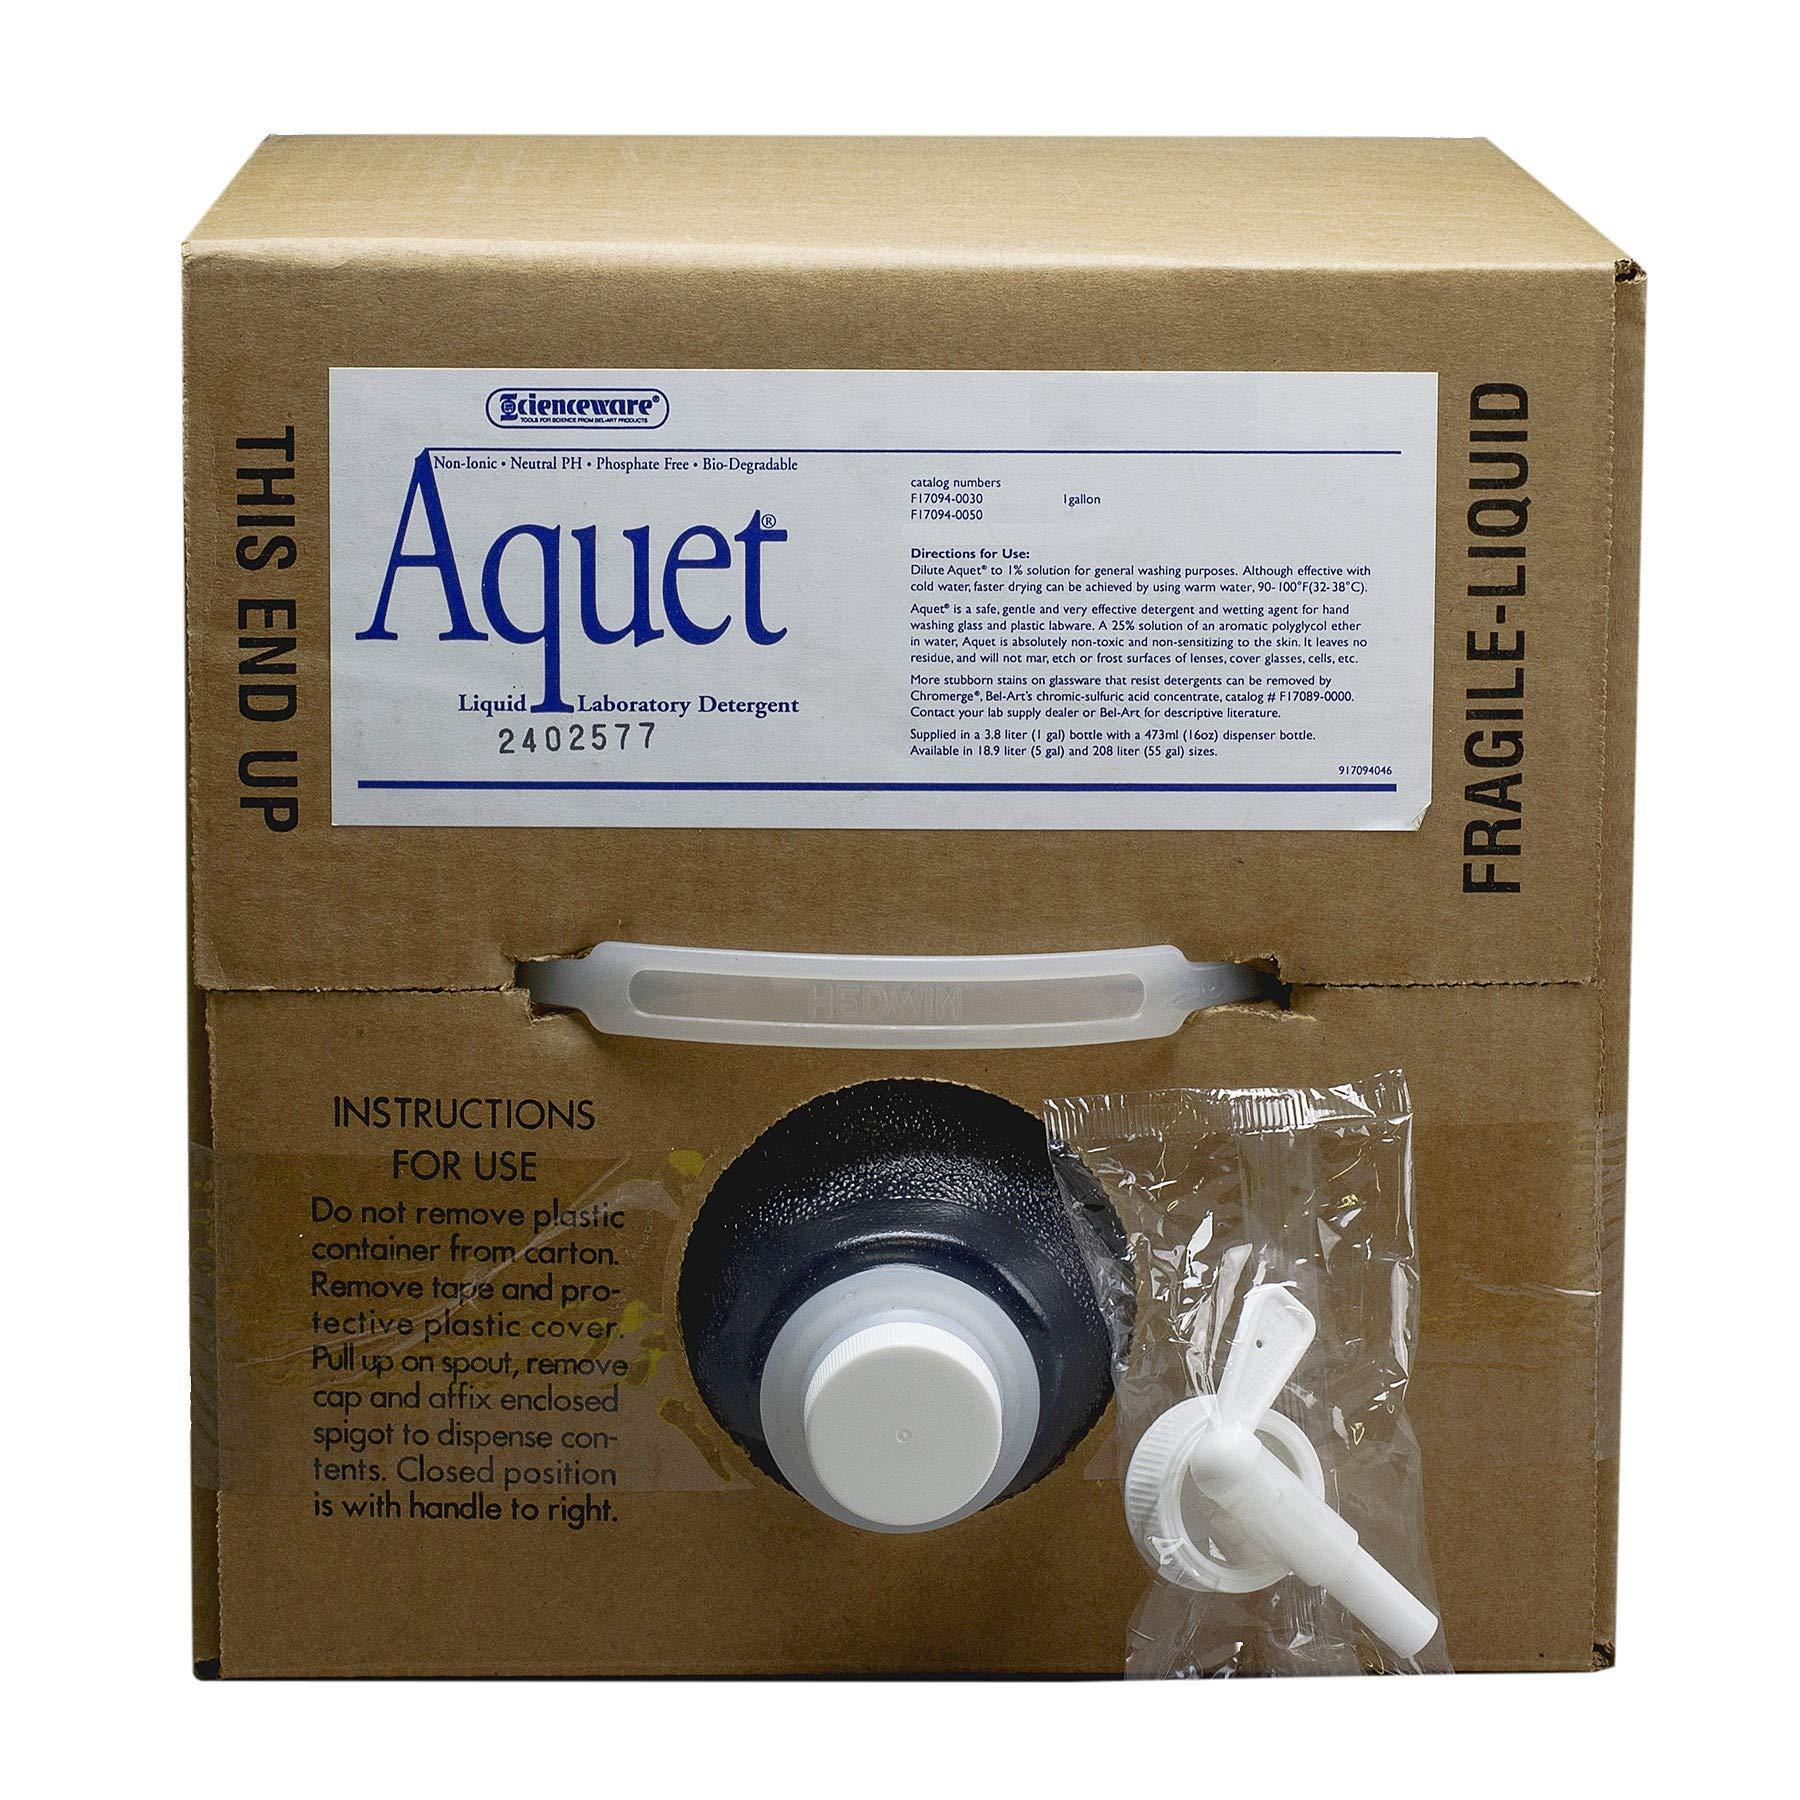 Aquet Detergent, 5 Gallon (20 L) Cubitainer by Bel-Art Products (Image #1)